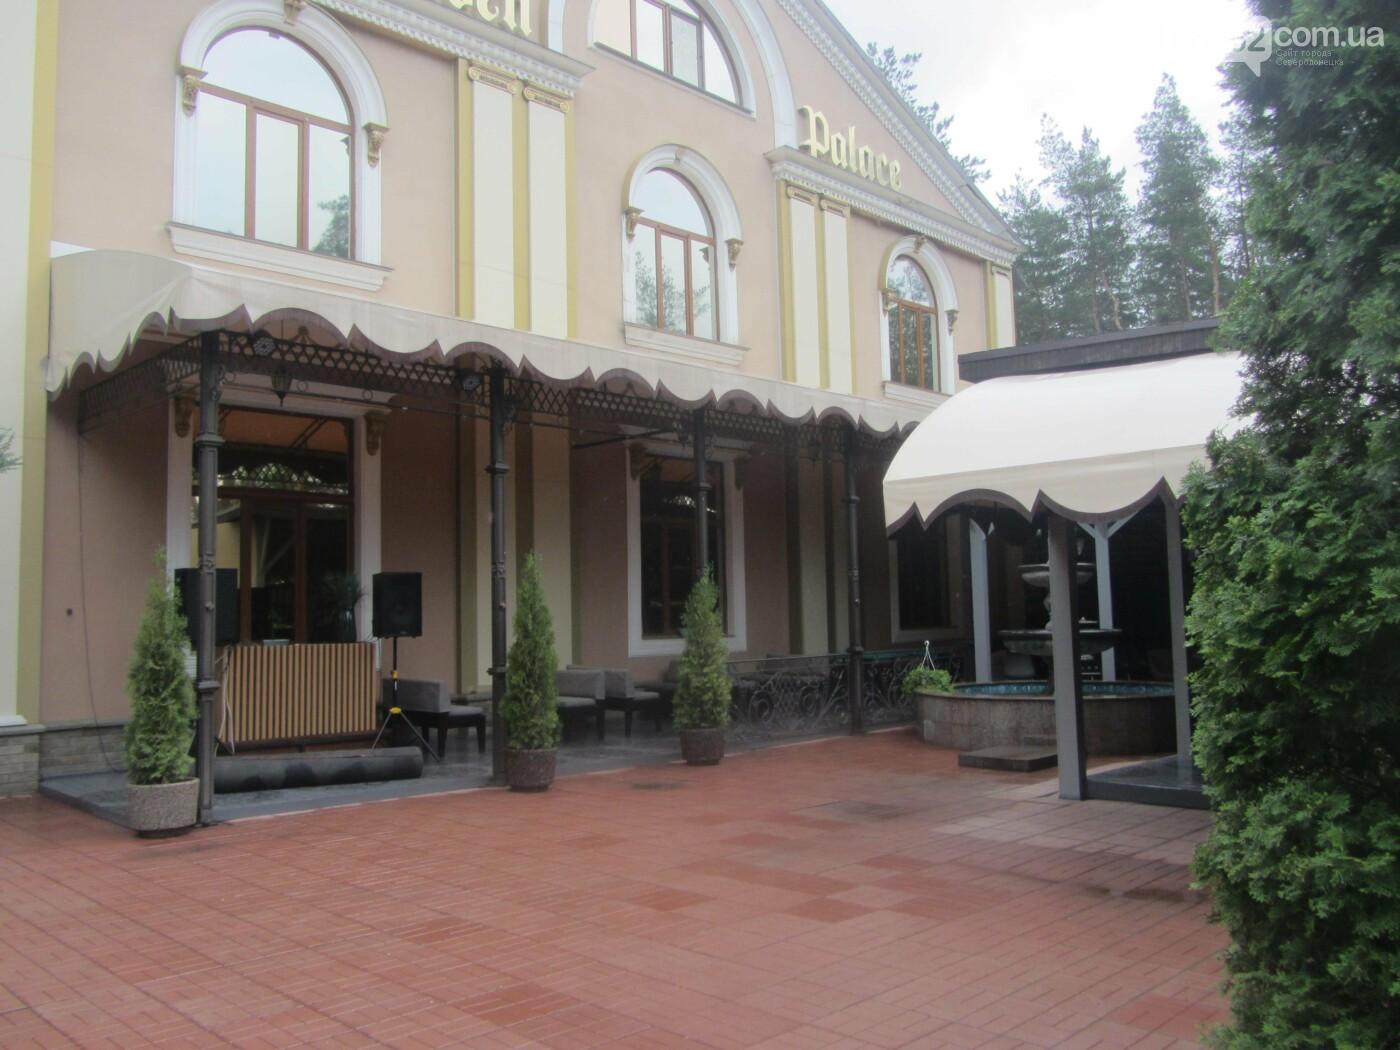 Как изменился интерьер в «Golden Palace» с переездом ресторана «Соль. Остальное мясо», фото-10